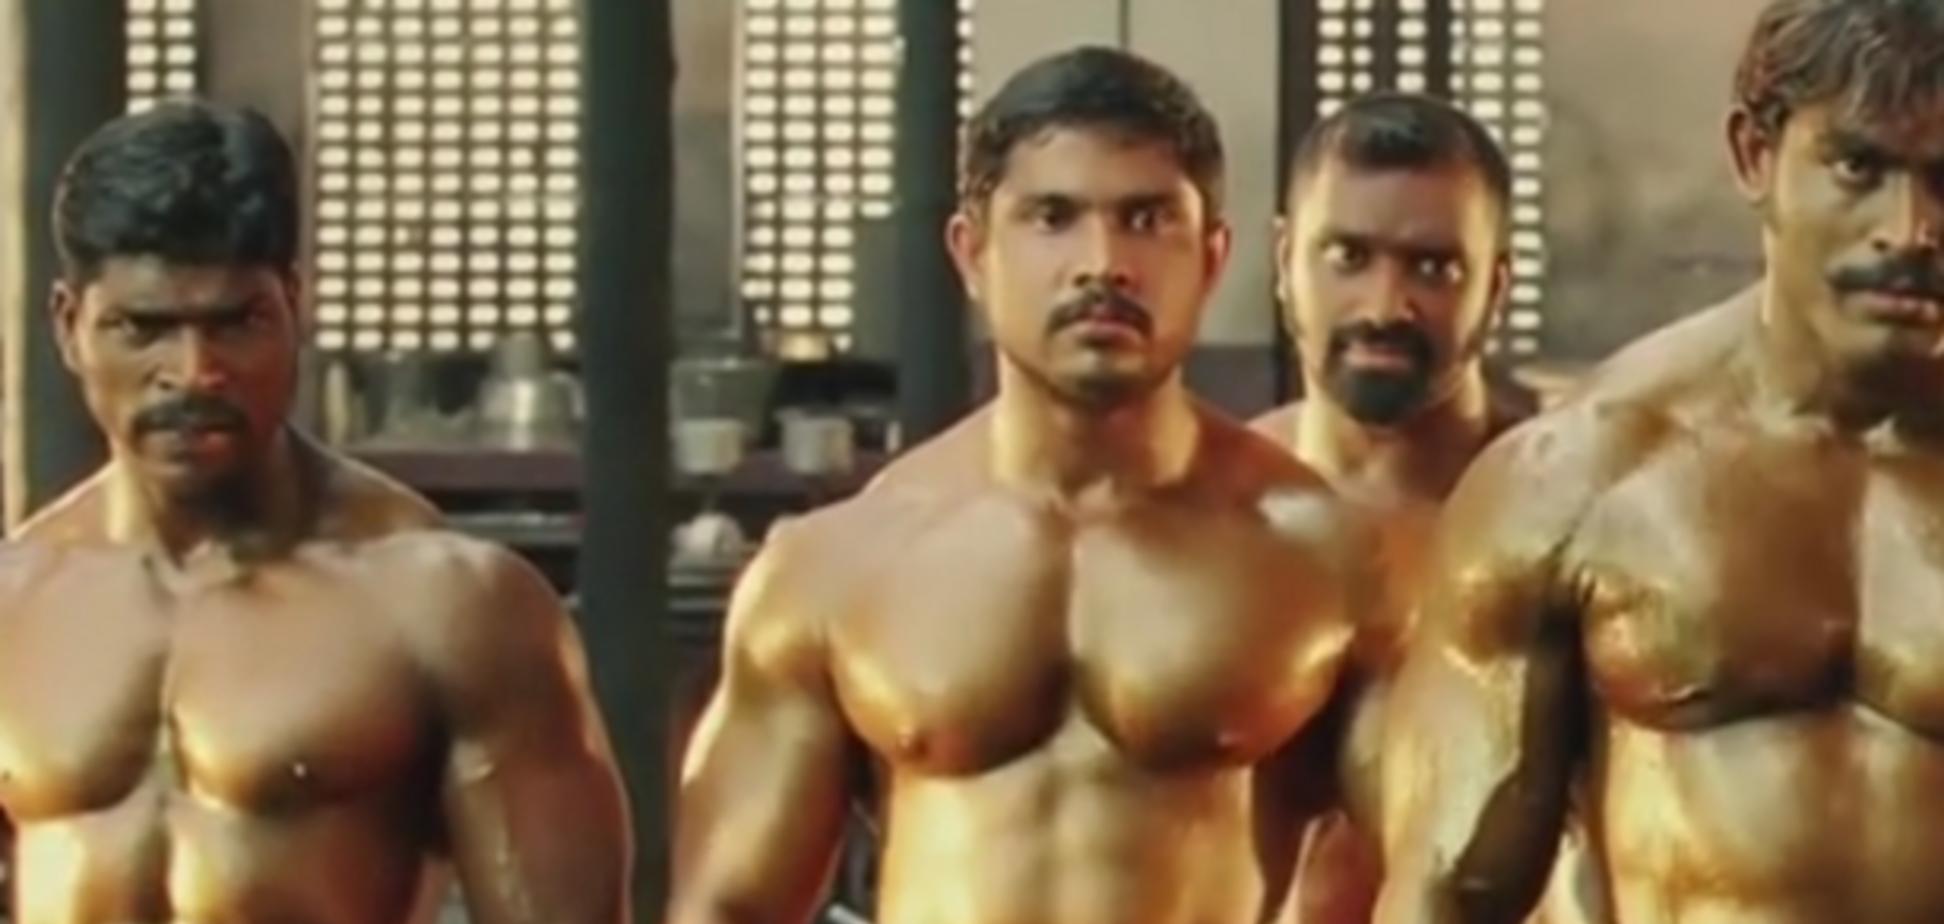 Индусы-качки покорили интернет шоу грудой мышц: опубликовано видео